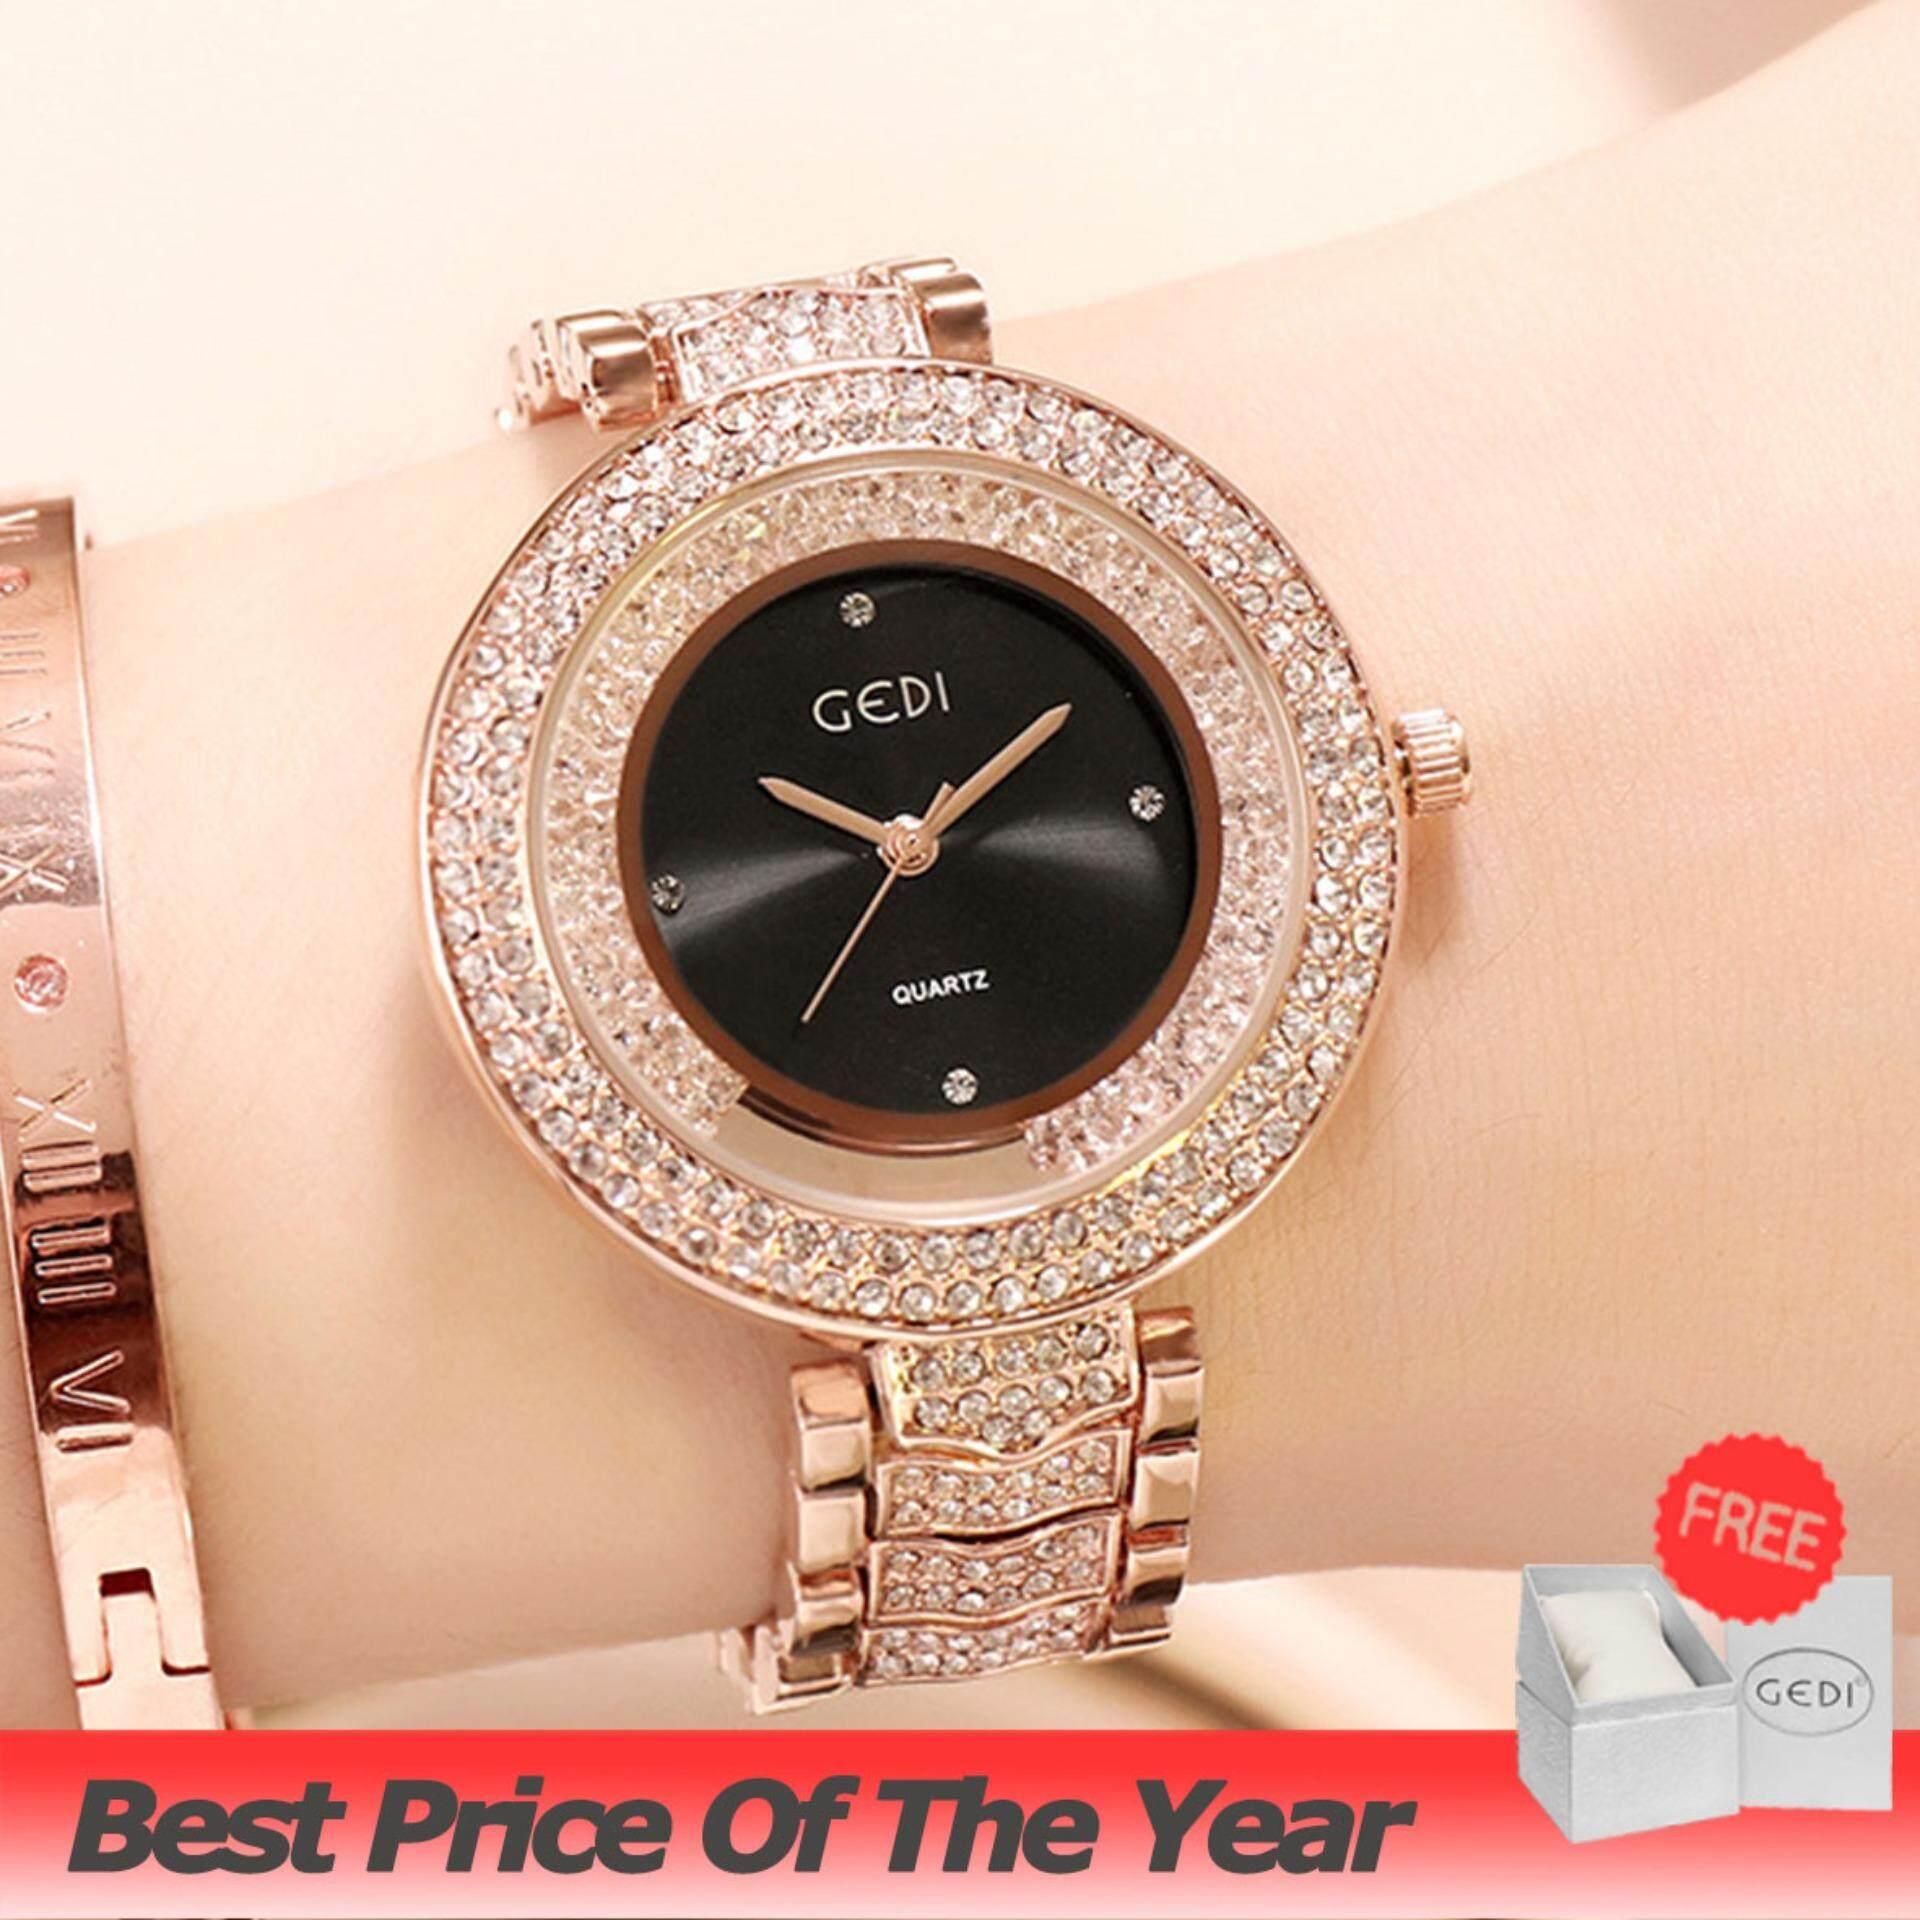 นาฬิกาข้อมือ Gedi รุ่น 3072 Women Fashion Watches ของแท้ แถมกล่อง นาฬิกาแฟชั่น พร้อมส่ง (มีการชำระเงินเก็บเงินปลายทาง) Casual Bussiness Watch นาฬิกาข้อมือผู้หญิง จีดี้ ล้อมเพชร.